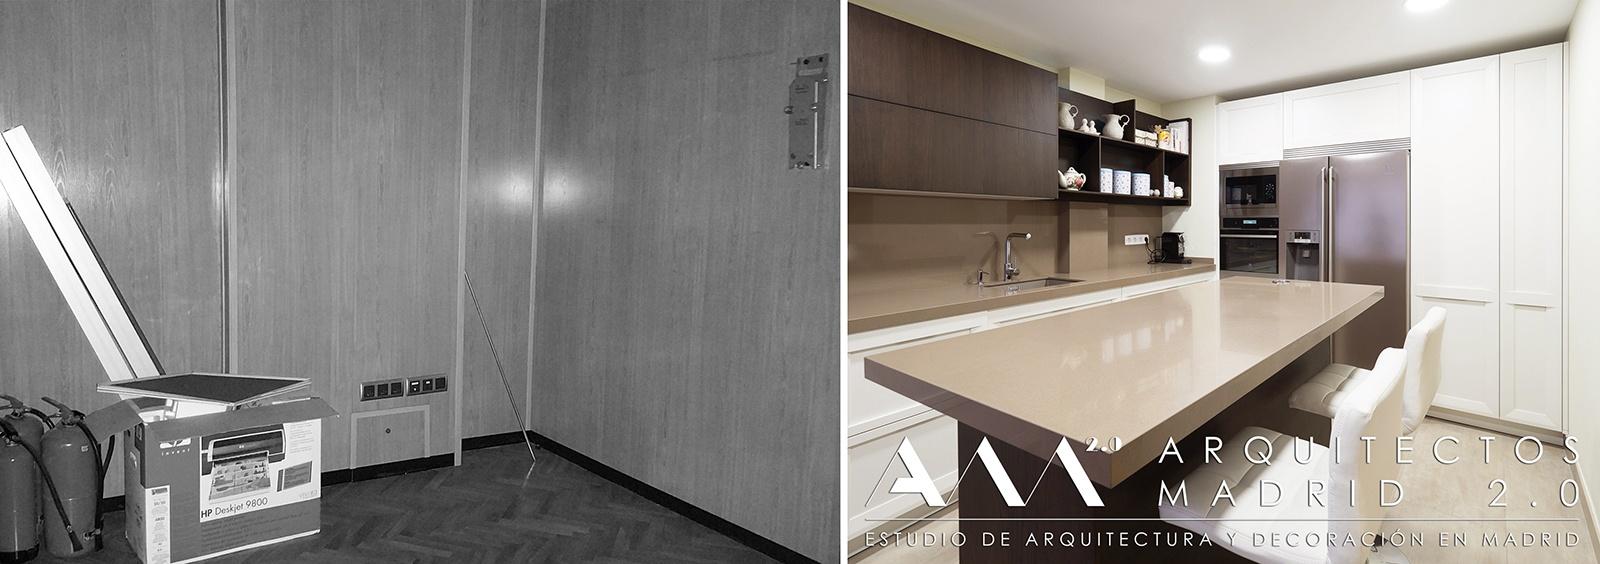 ideas-convertir-local-vivienda-cambio-de-uso-arquitectos-madrid-01